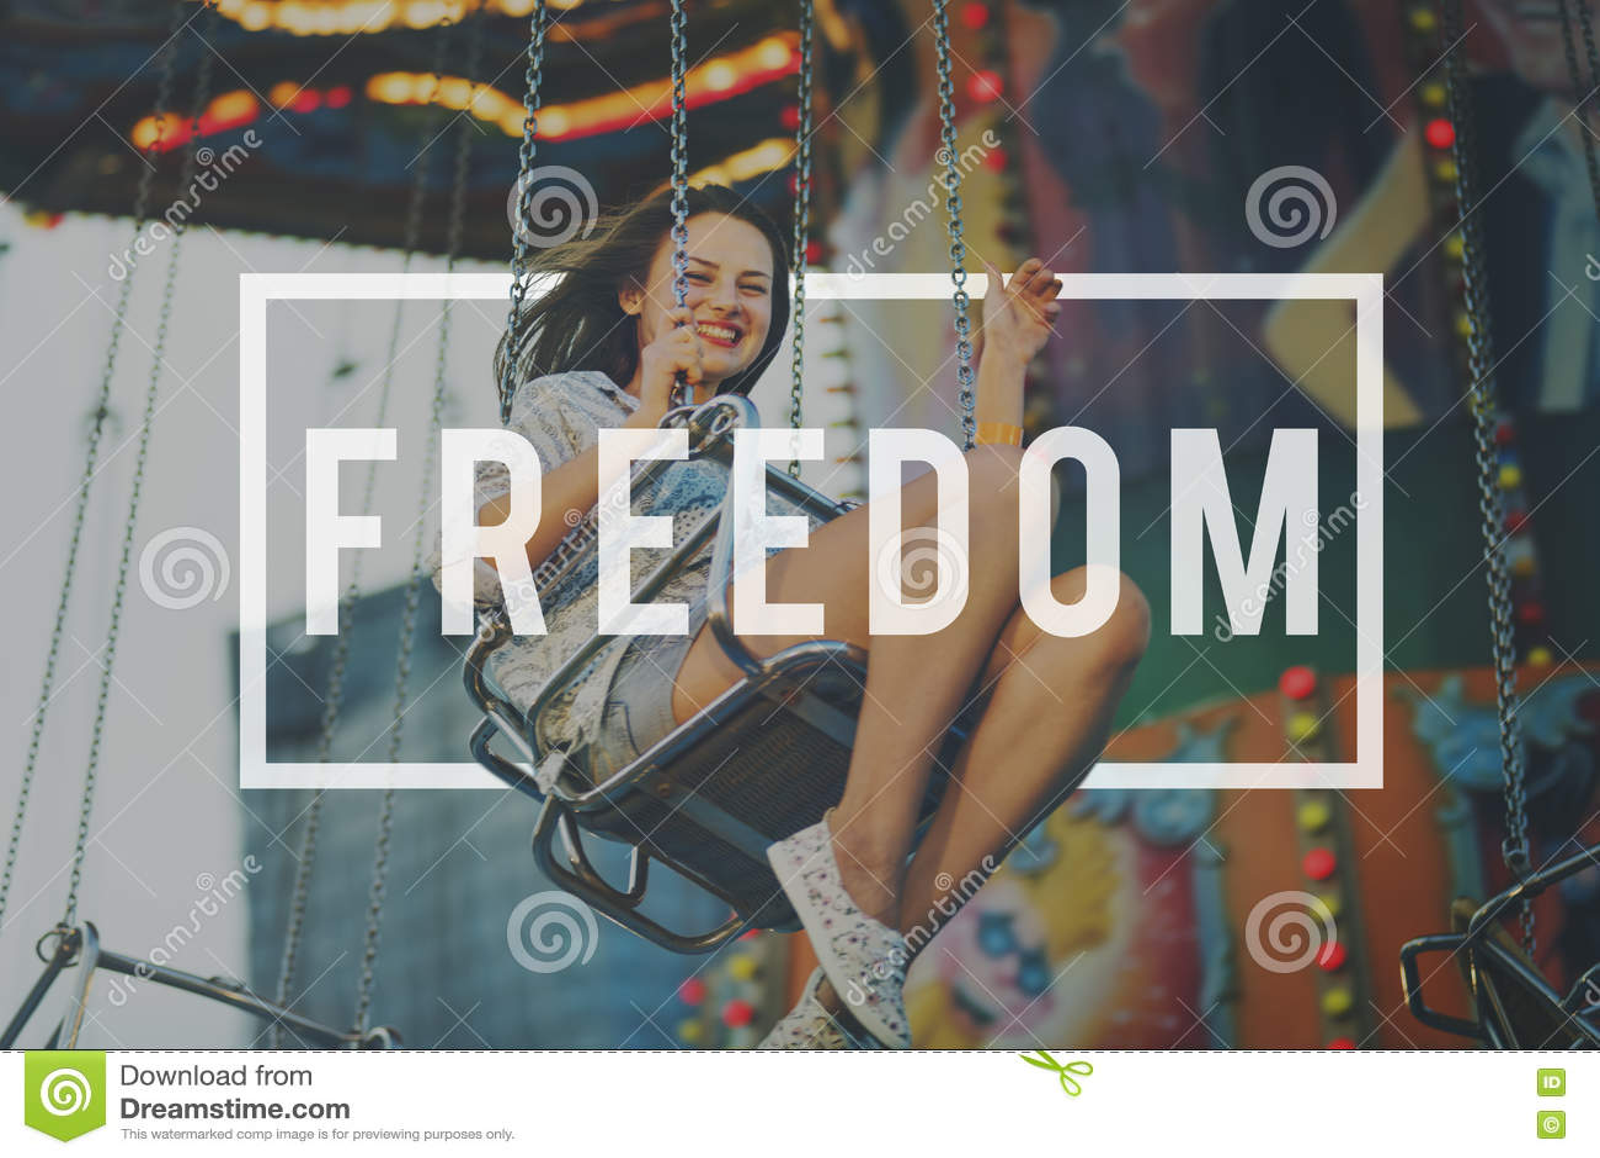 Освобожданная свободой концепция свободы прав человека